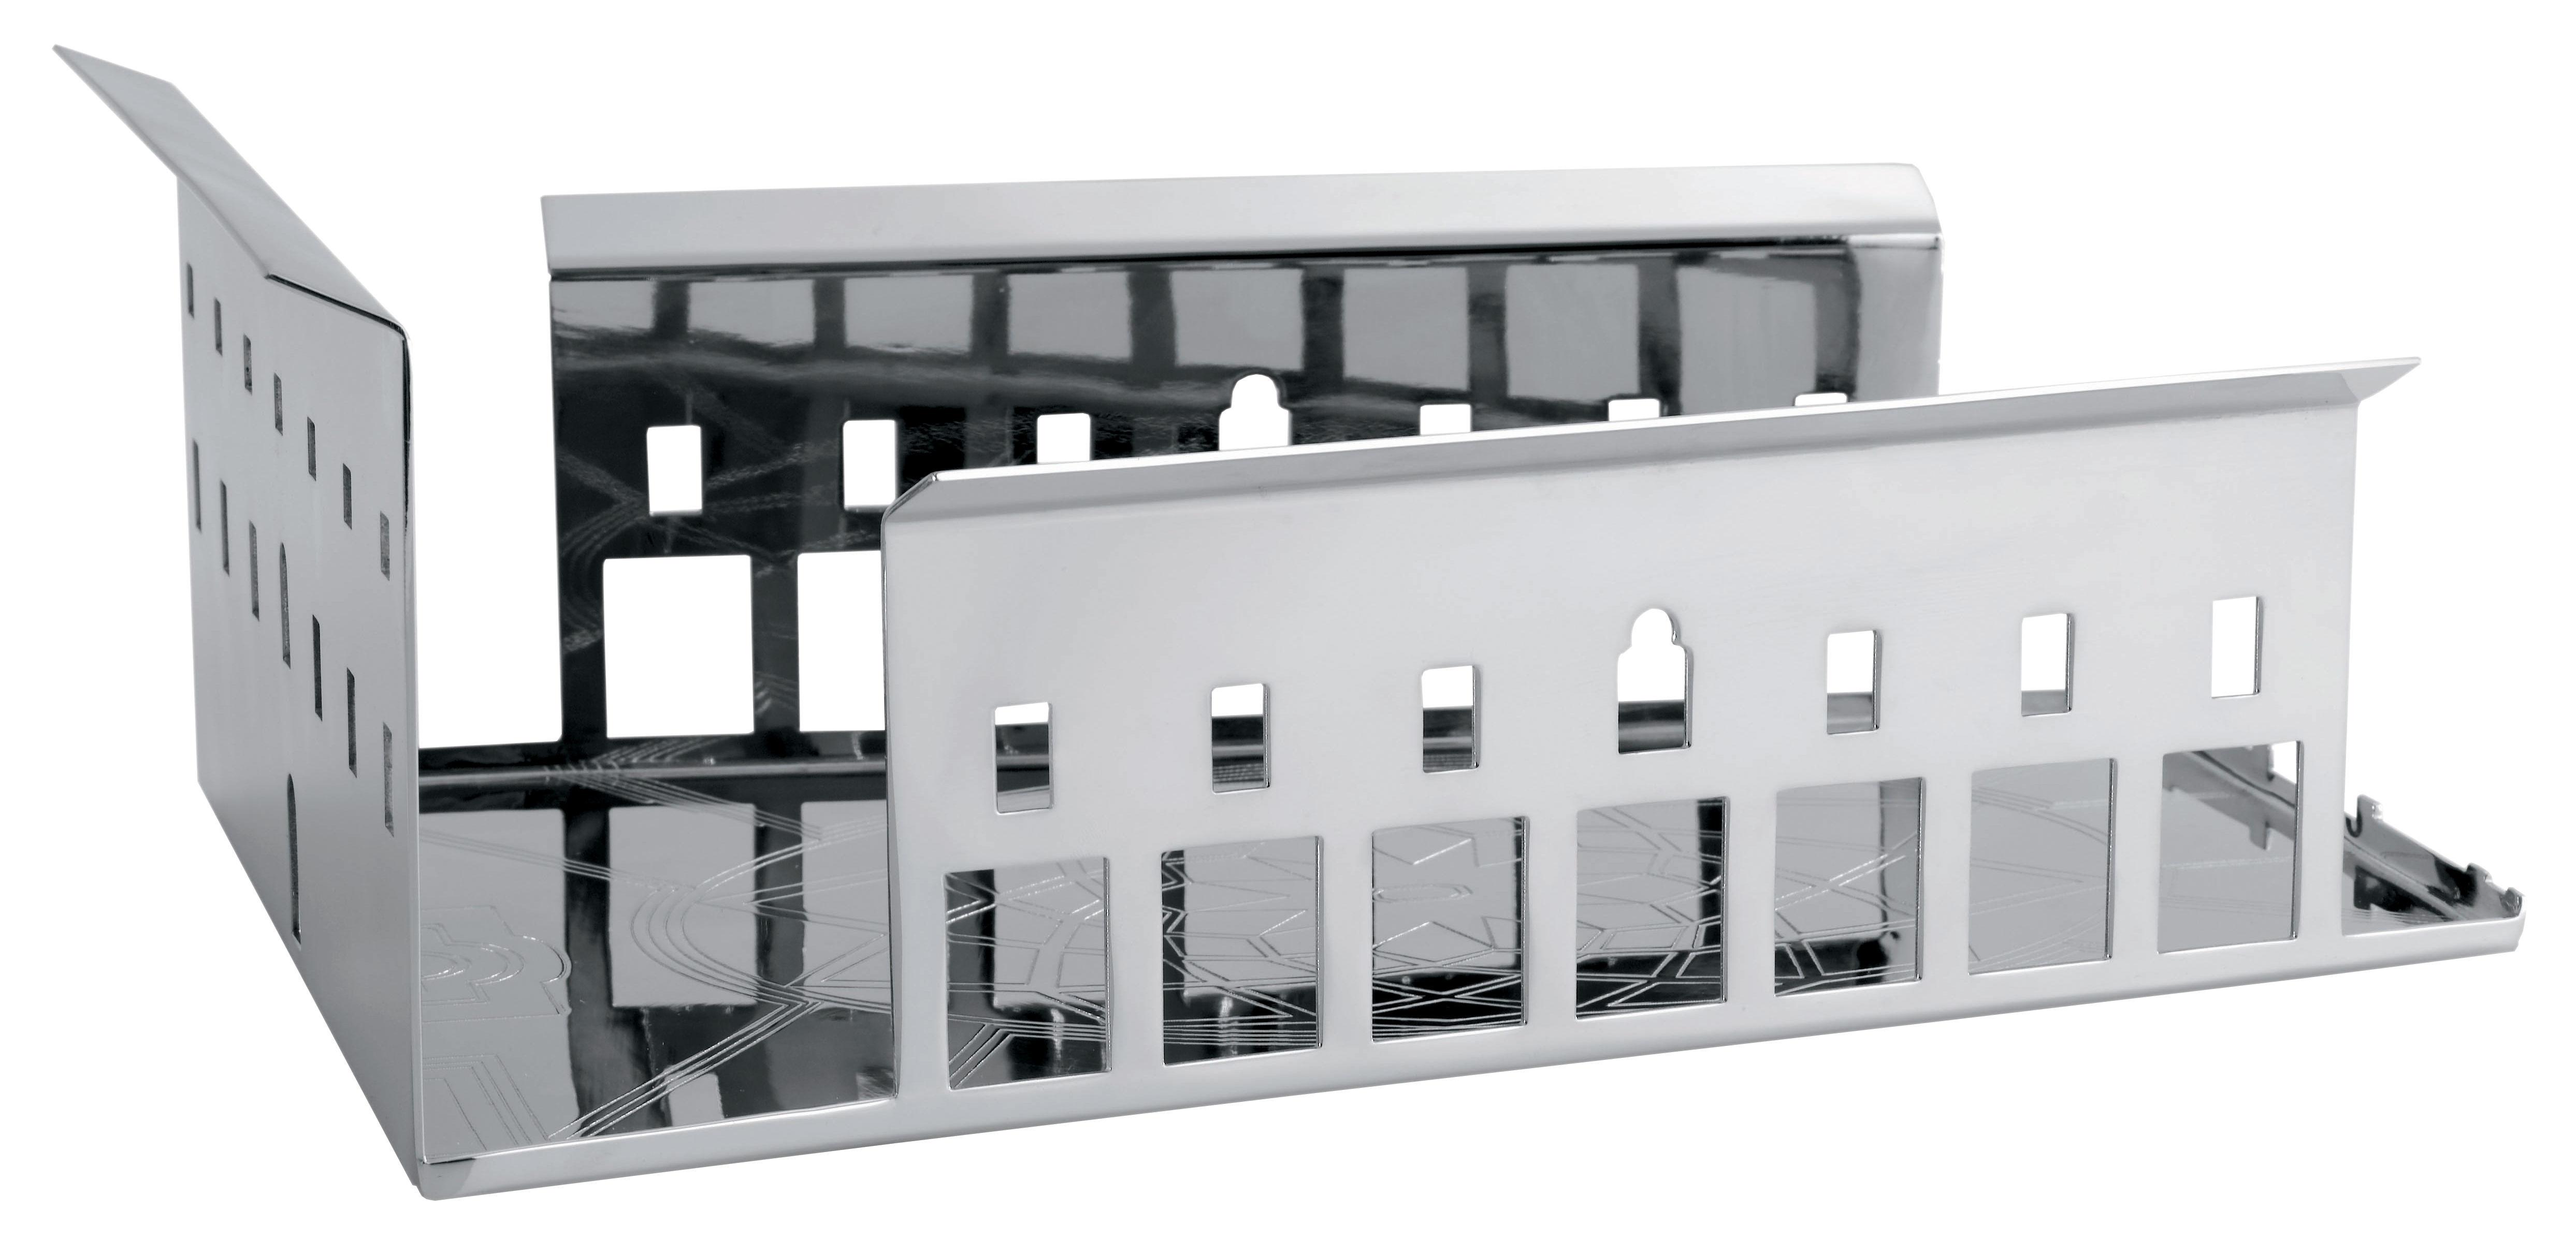 Tischkultur - Körbe, Fruchtkörbe und Tischgestecke - 100 Piazze - Roma Tischgesteck - Driade Kosmo - Silber - Kupfer mit Silberauflage